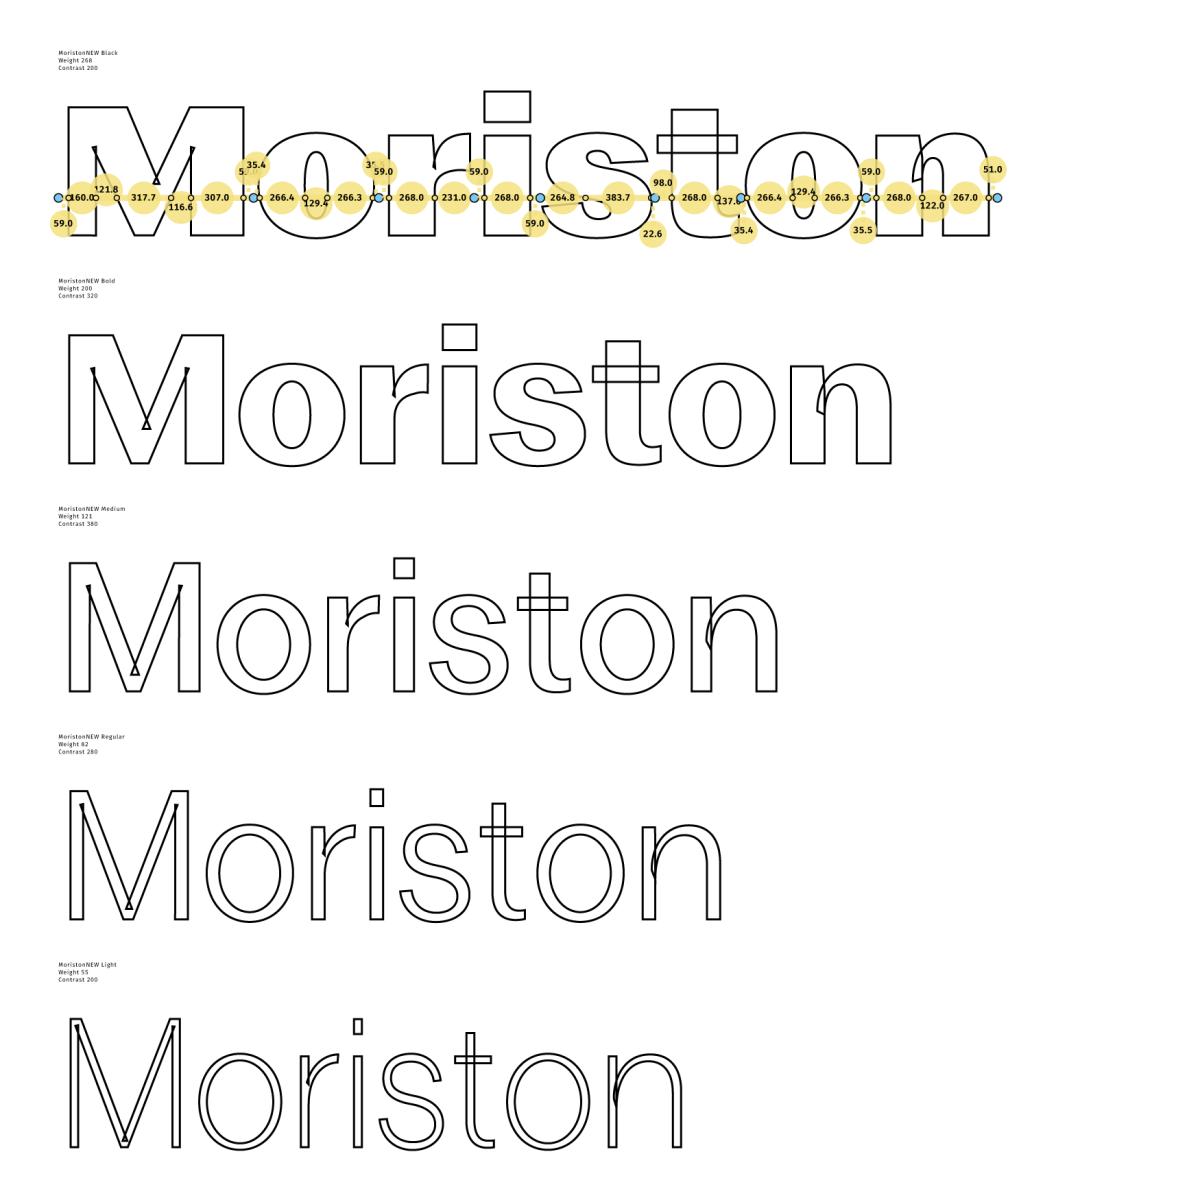 moriston-interpolation-test